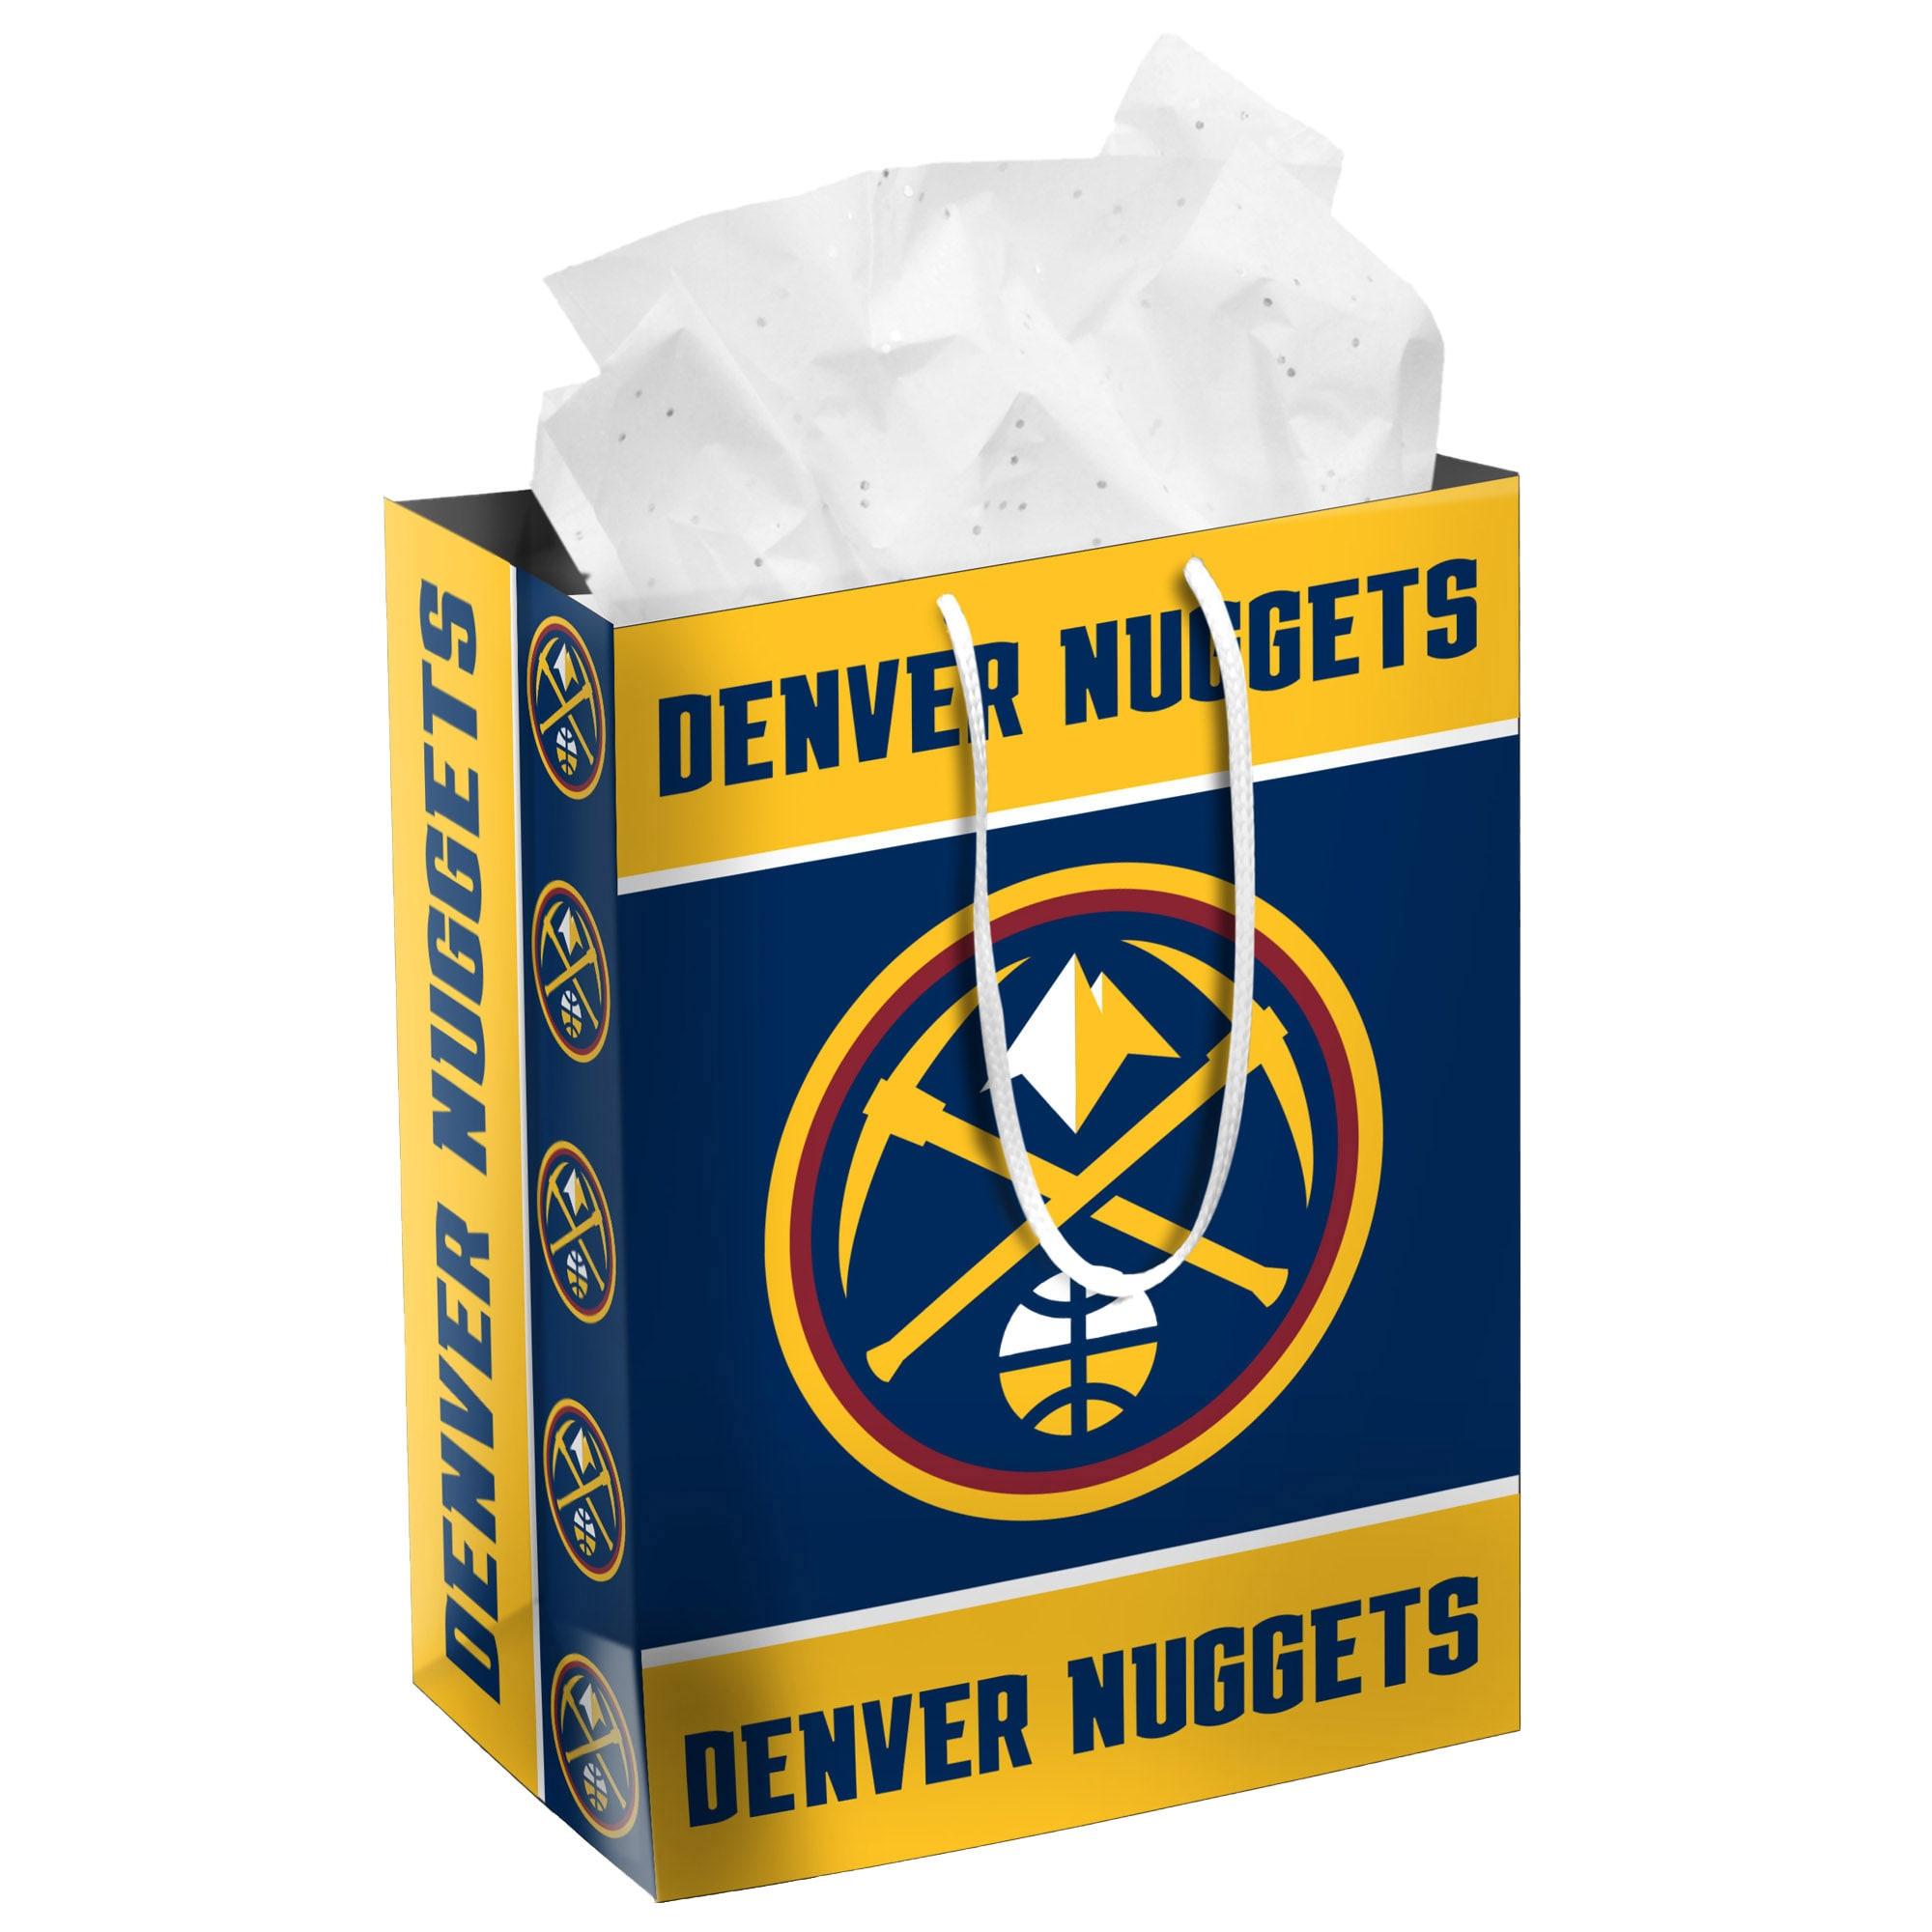 Denver Nuggets Team Gift Bag